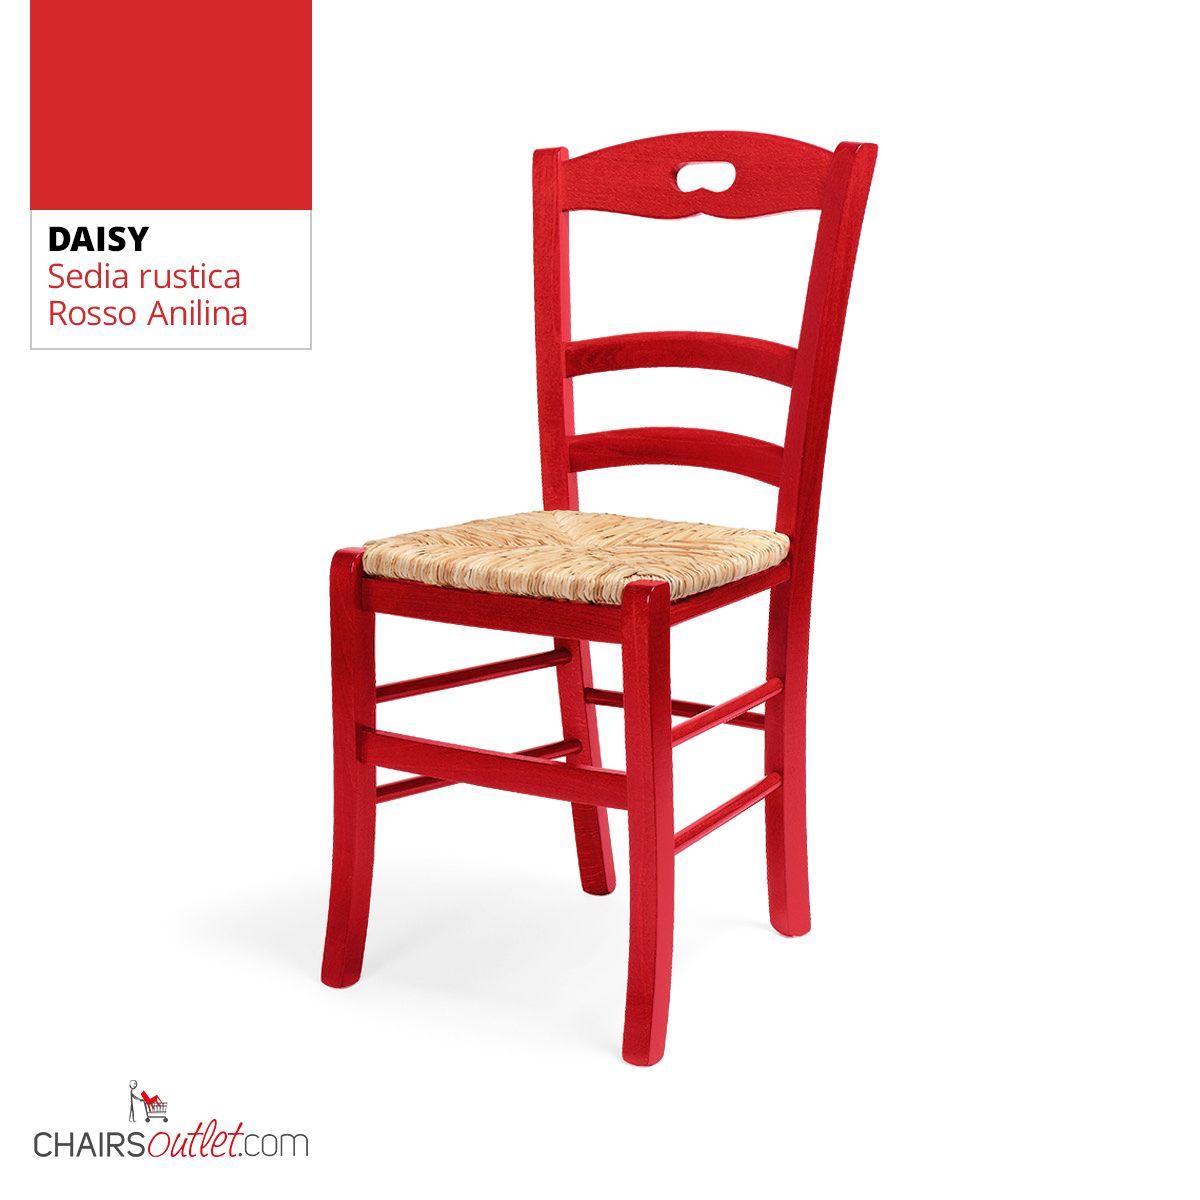 € 26,90 DAISY #sedia in legno, stile #rustico, in #offerta prezzo ...